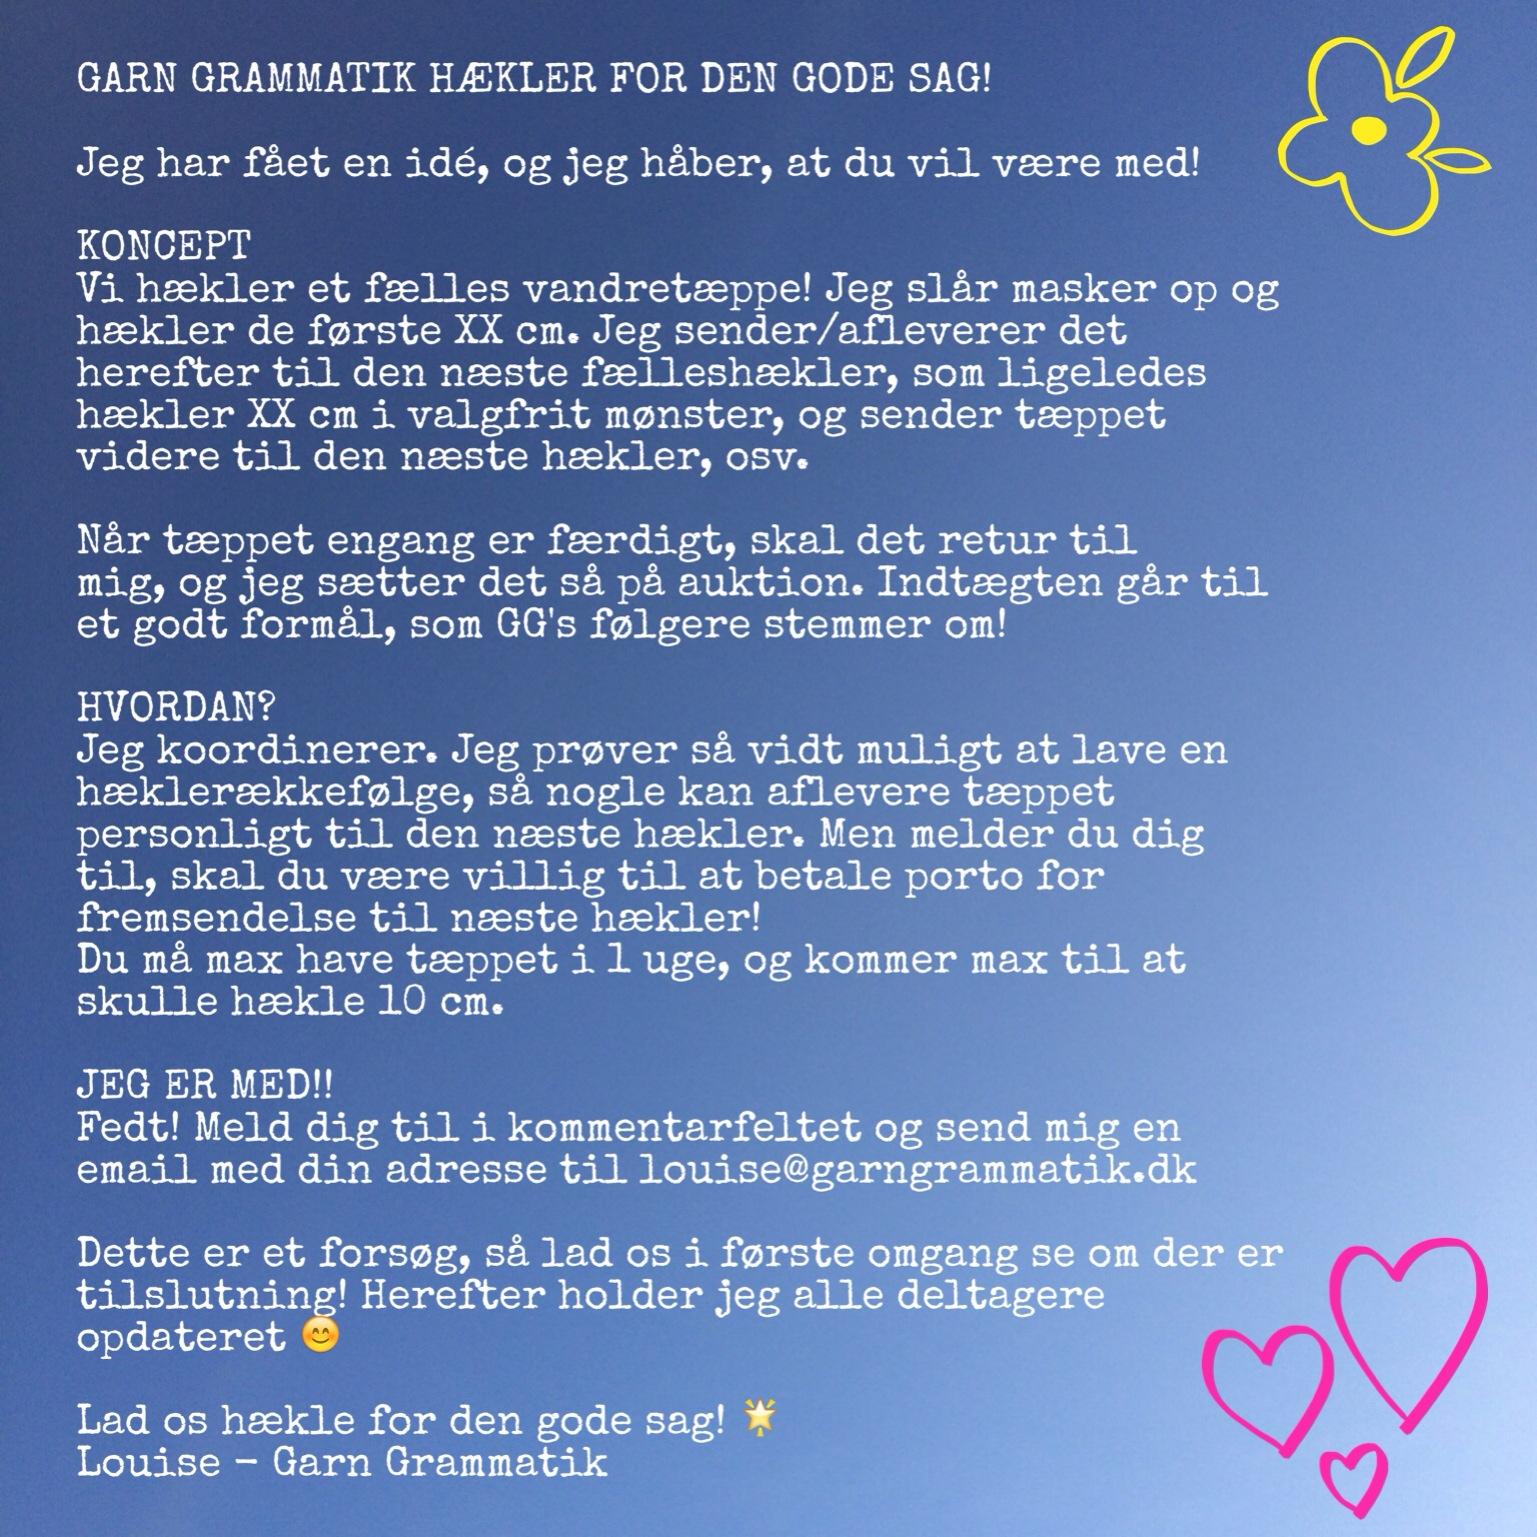 Garn Grammatik_Eksperiment_1